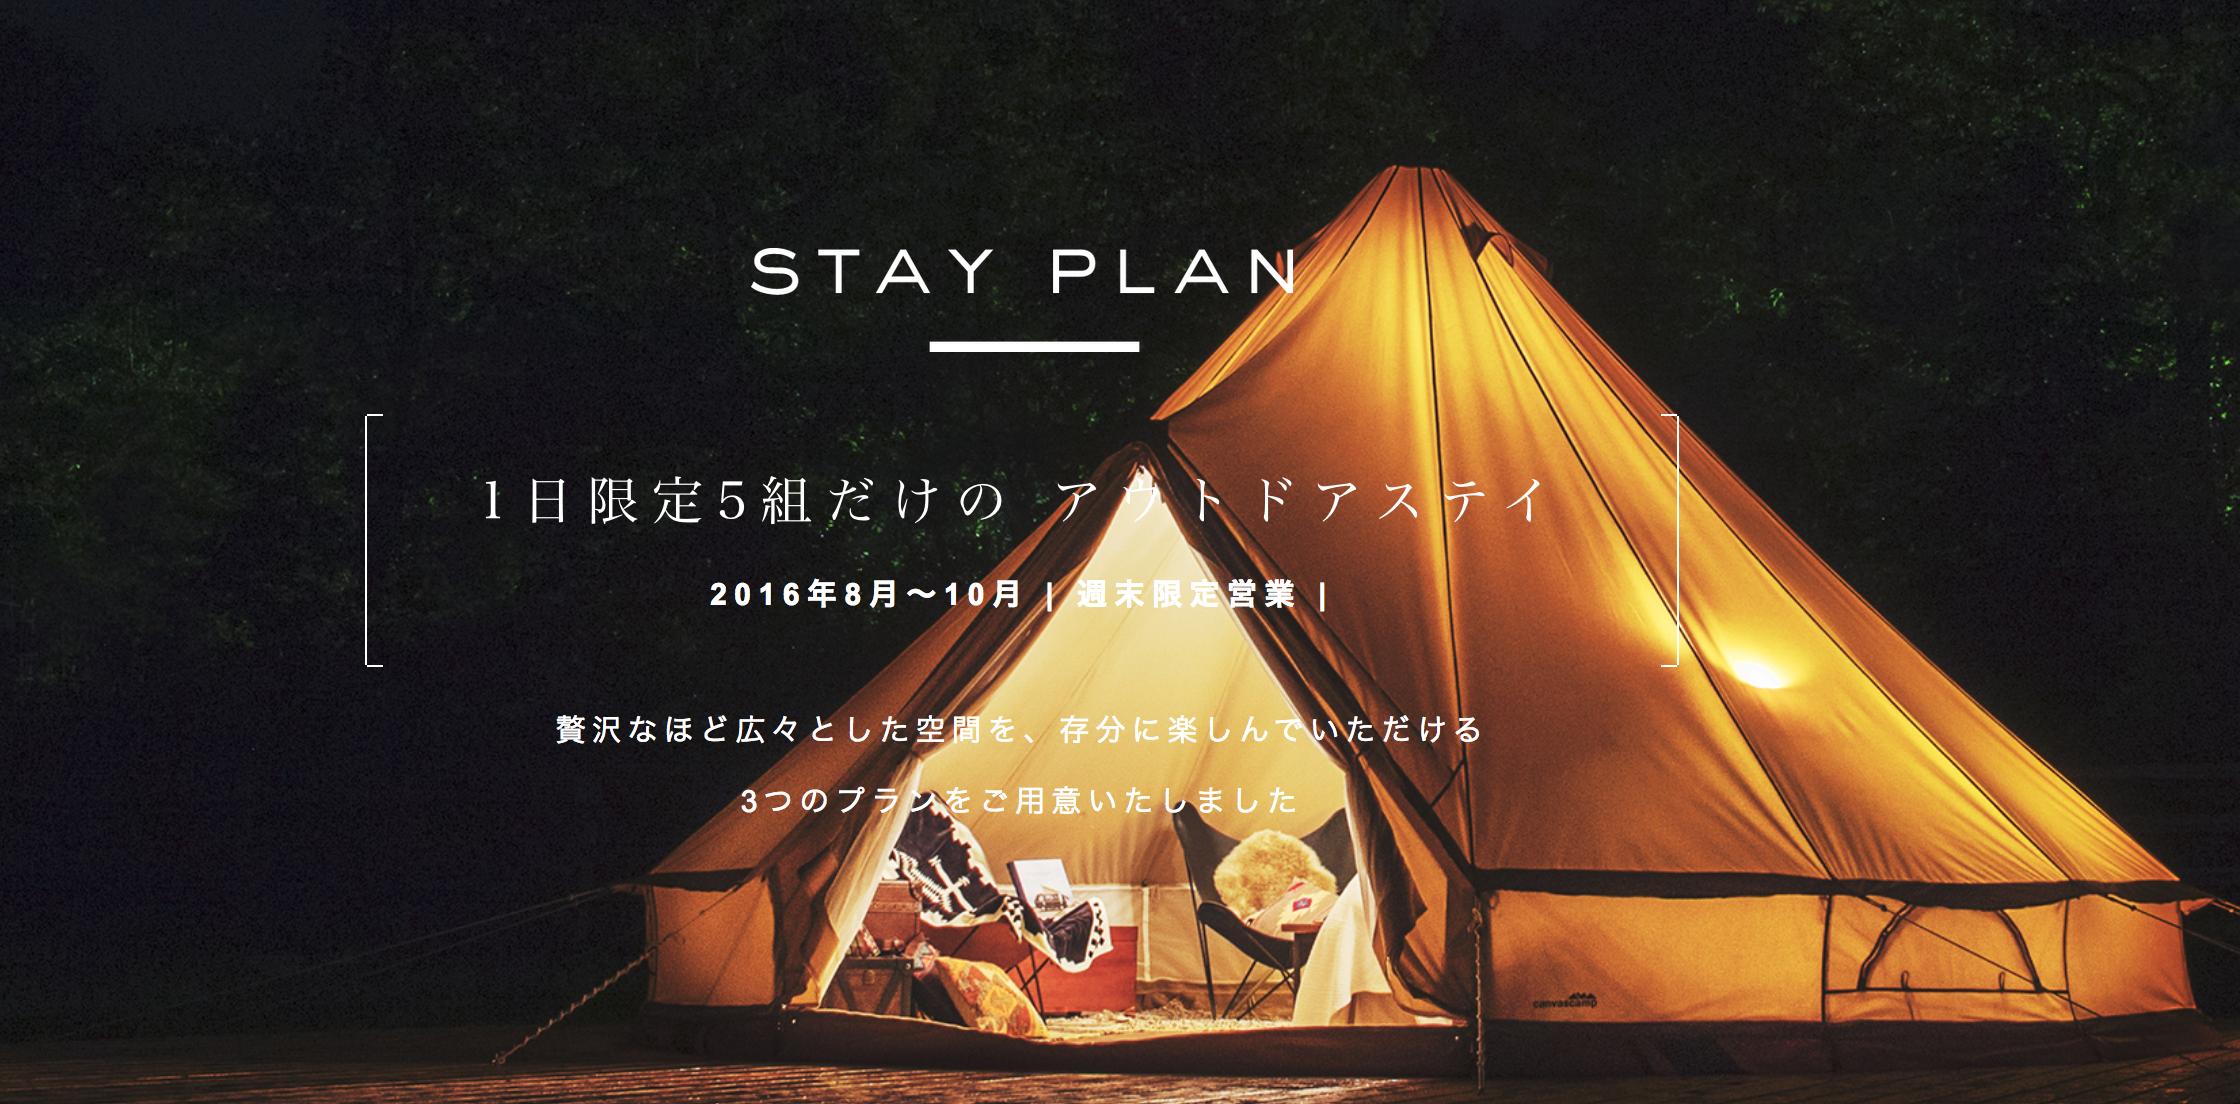 吹きさらしだけど1泊大人 ¥43,200(食事・税込)